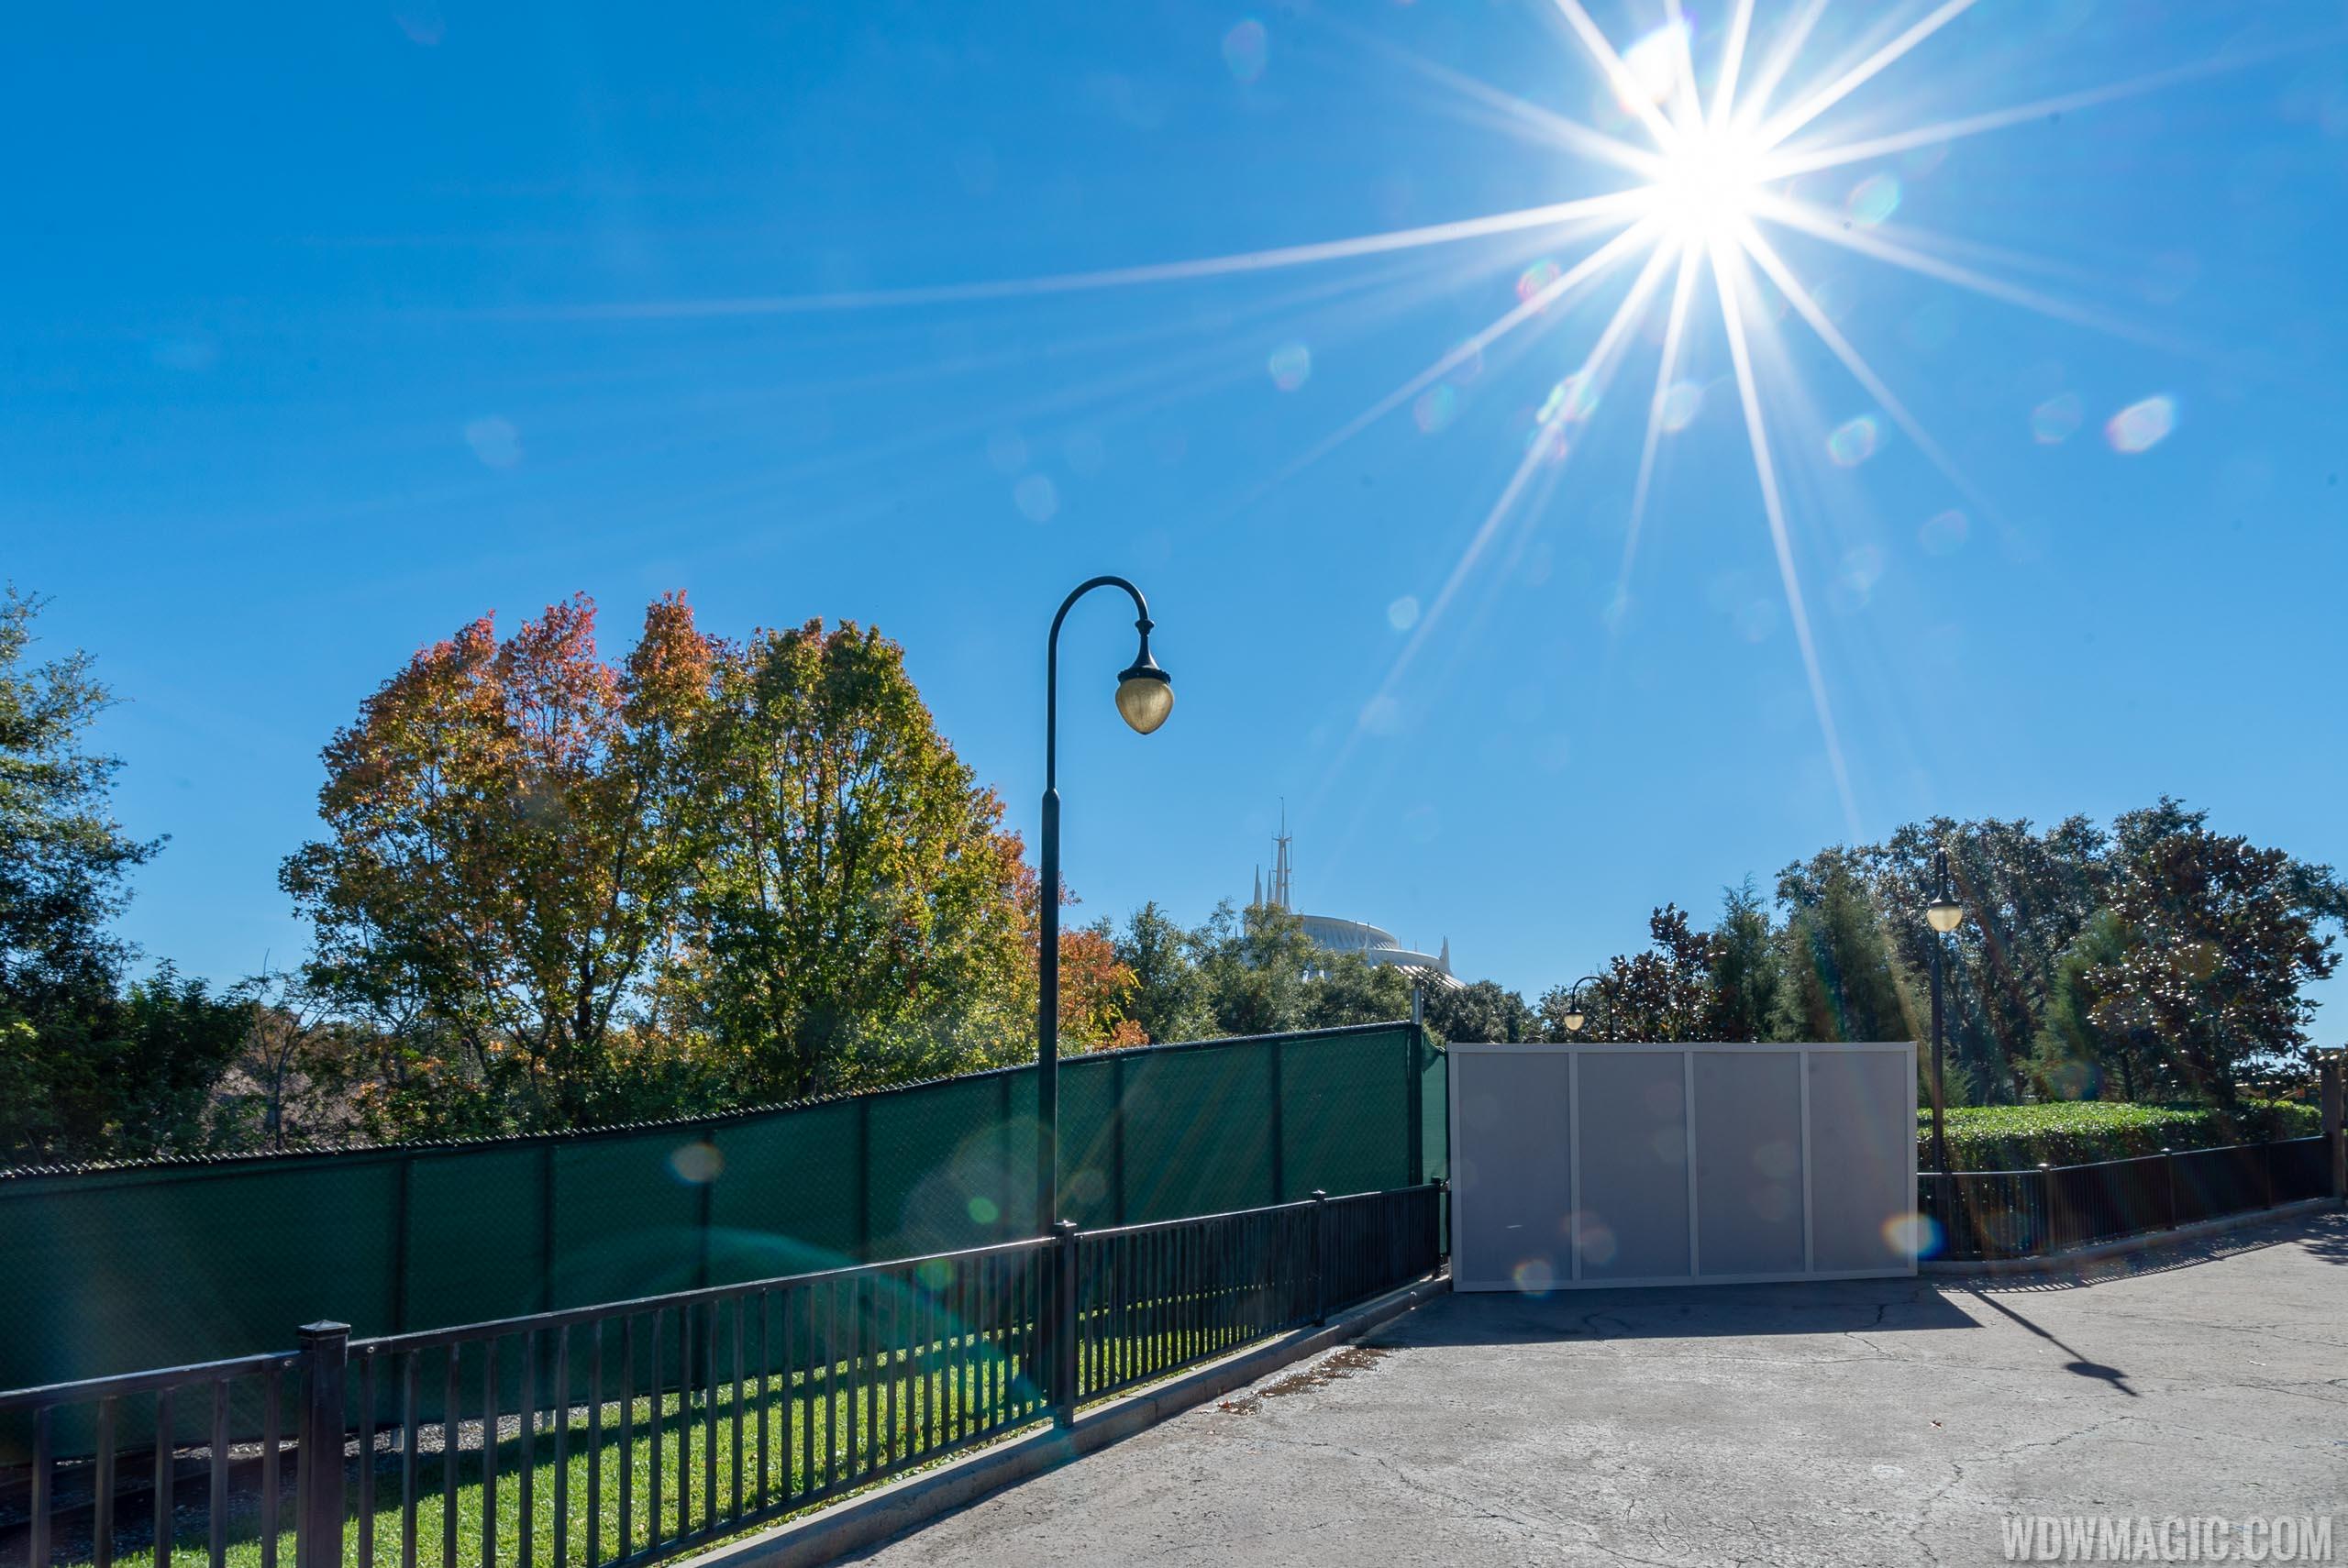 Walkway between Fantasyland and Tomorrowland closed